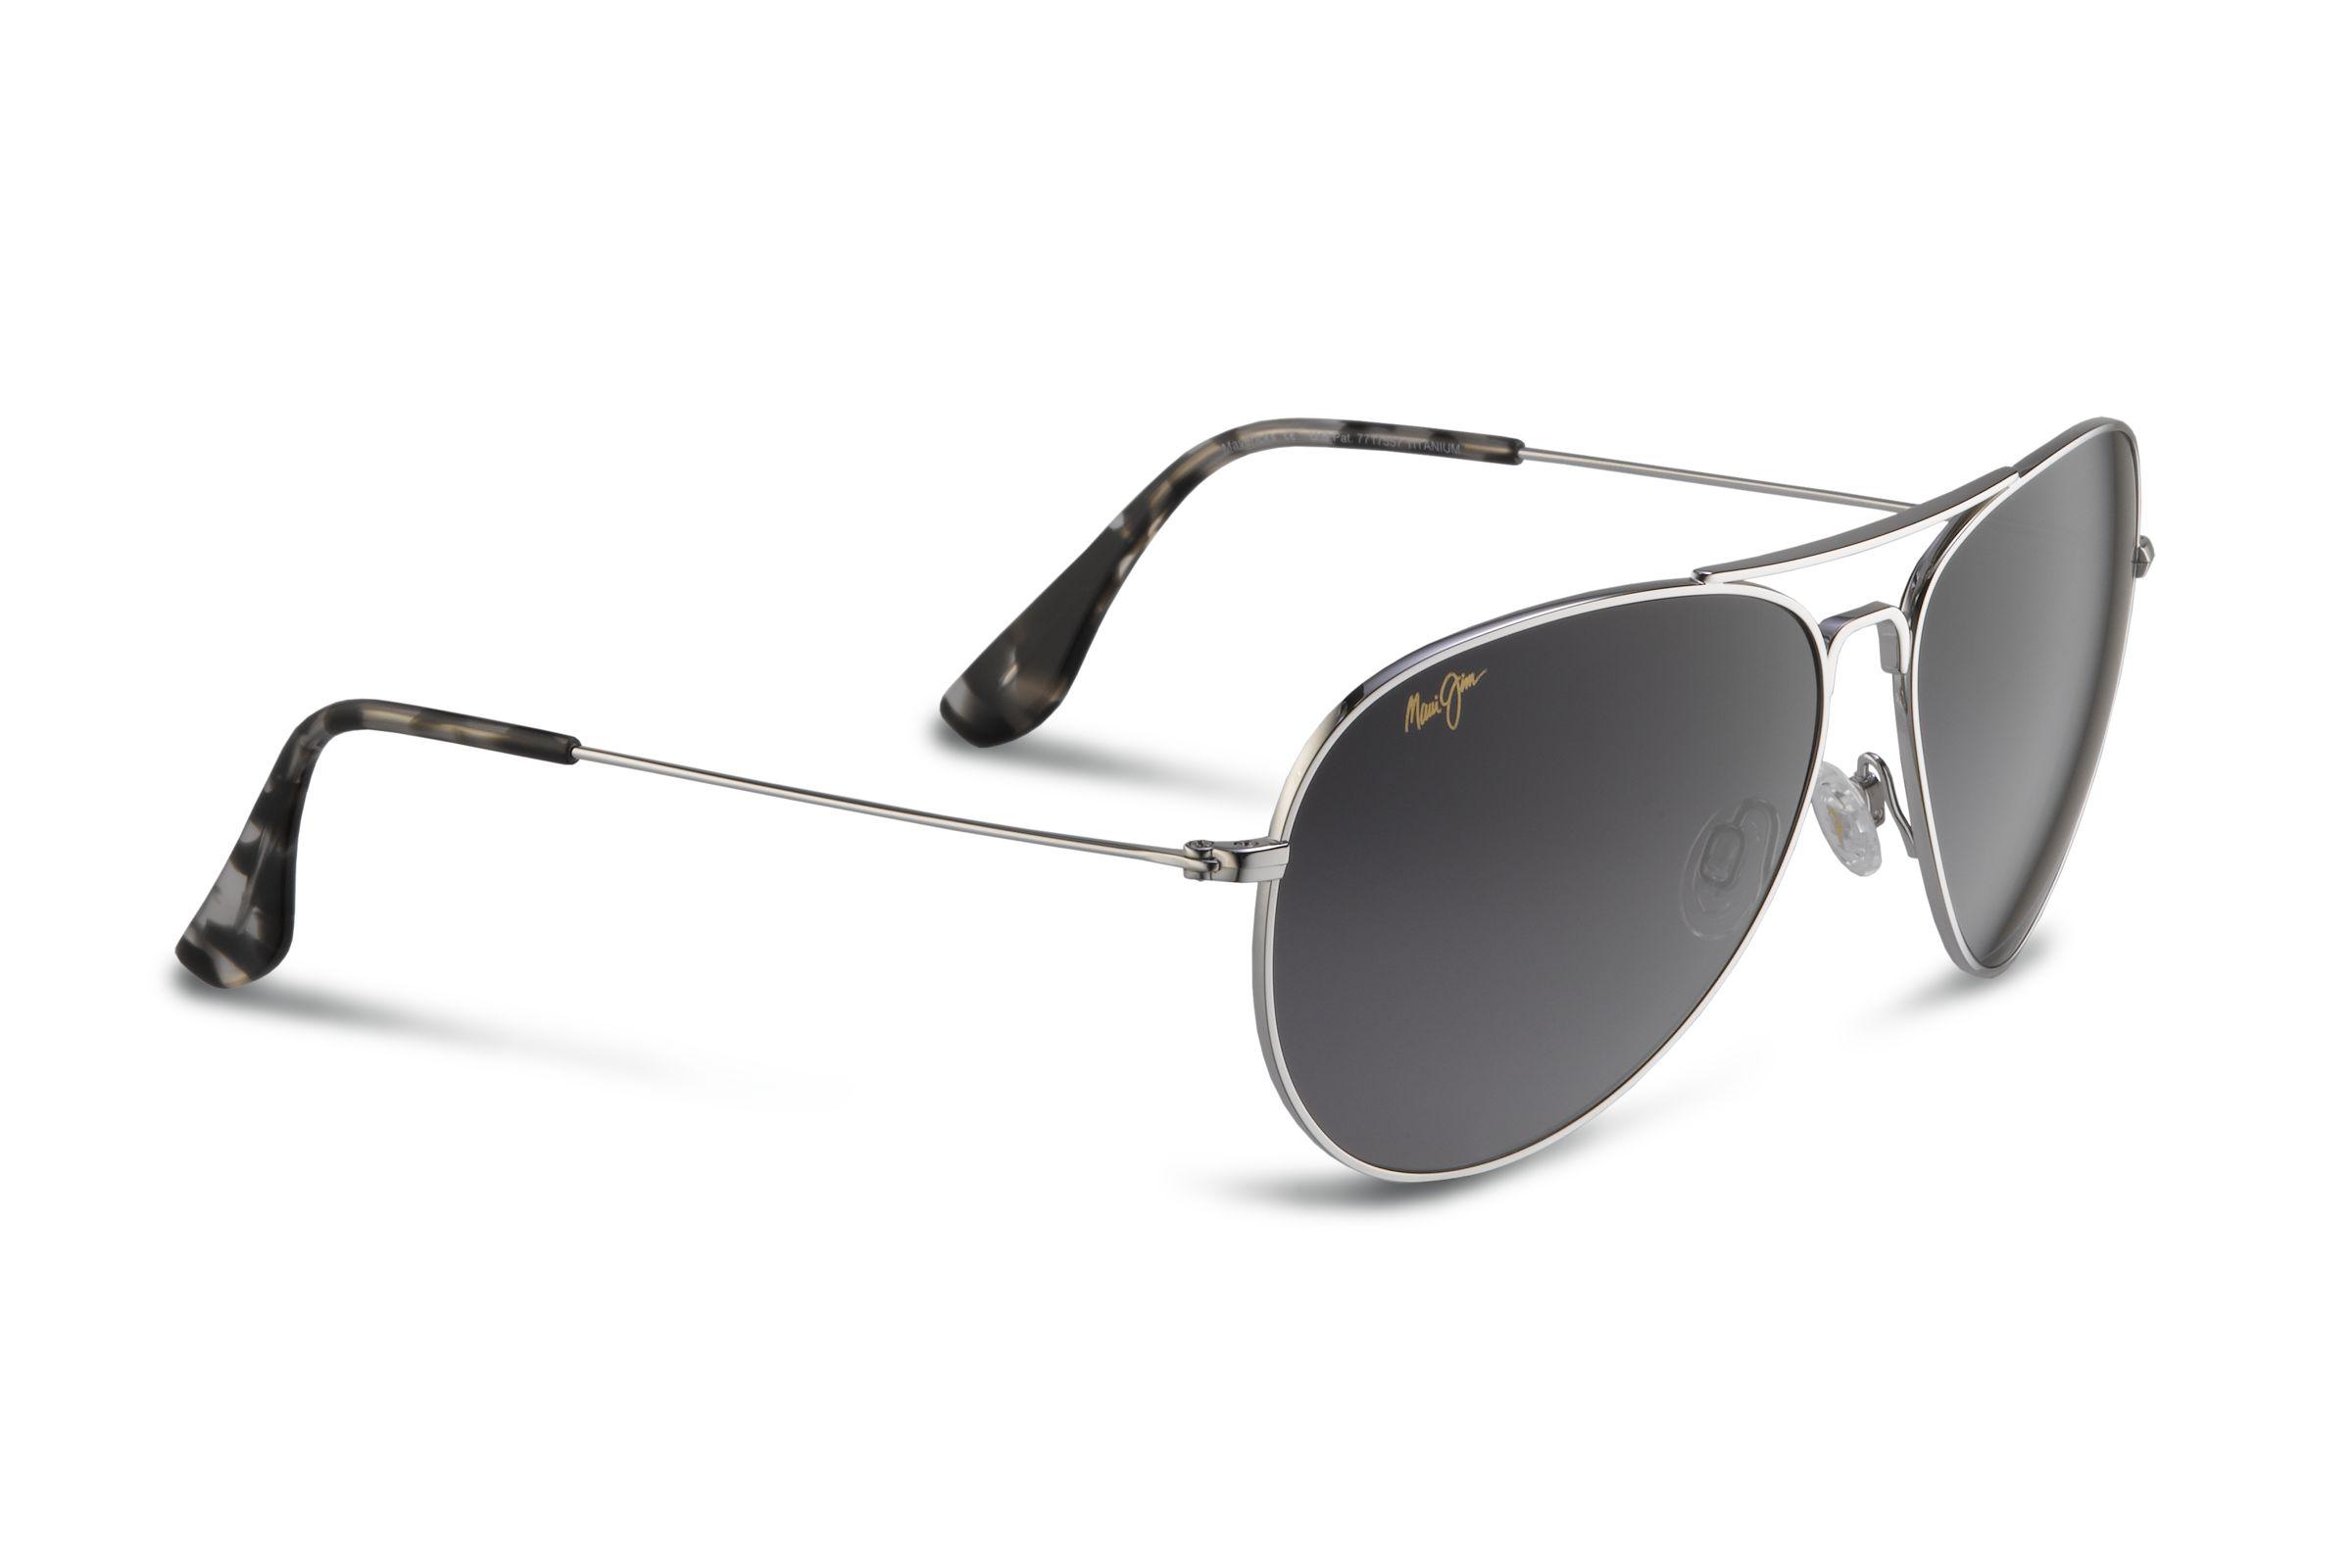 bf38167b81f Maui Jim Mavericks Aviator Sunglasses